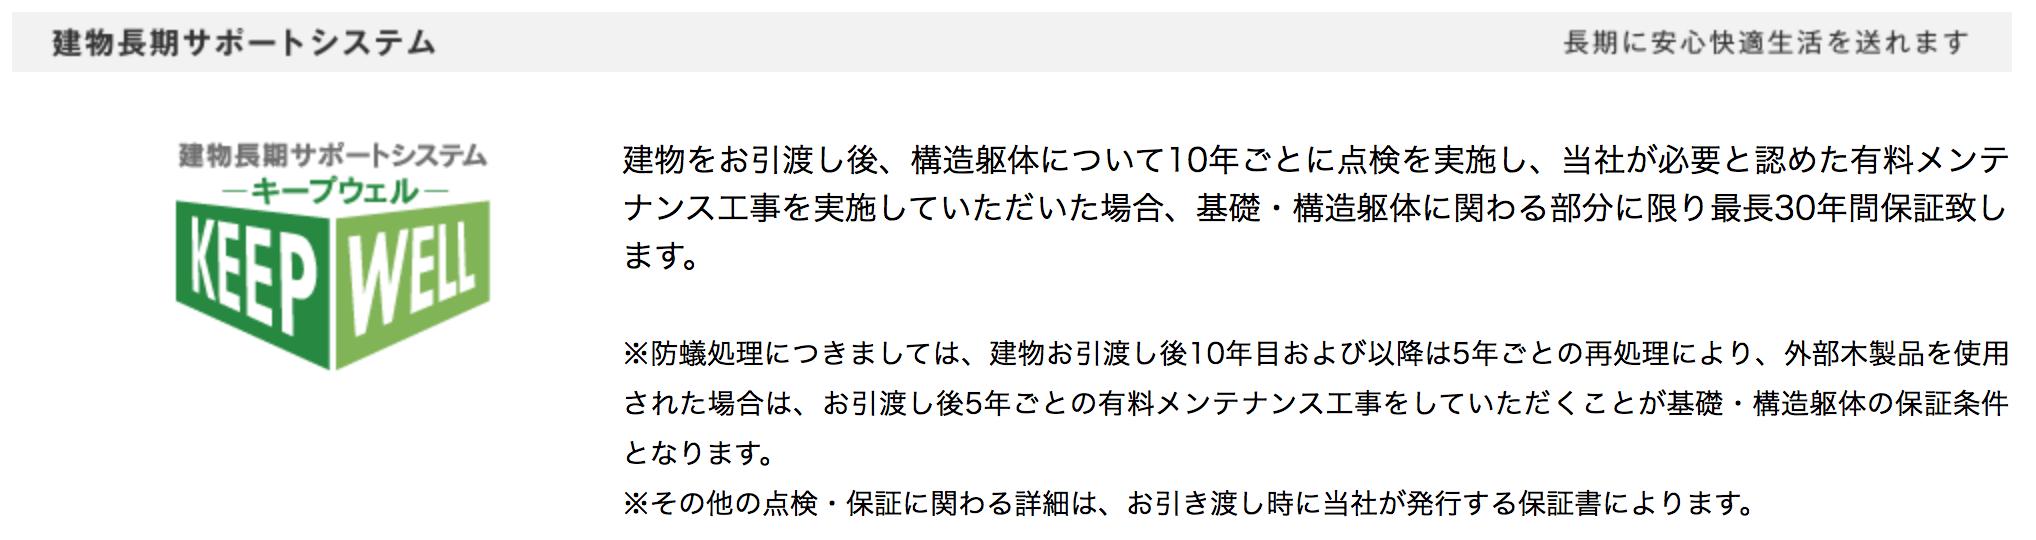 三井ホームの建物長期サポートシステム